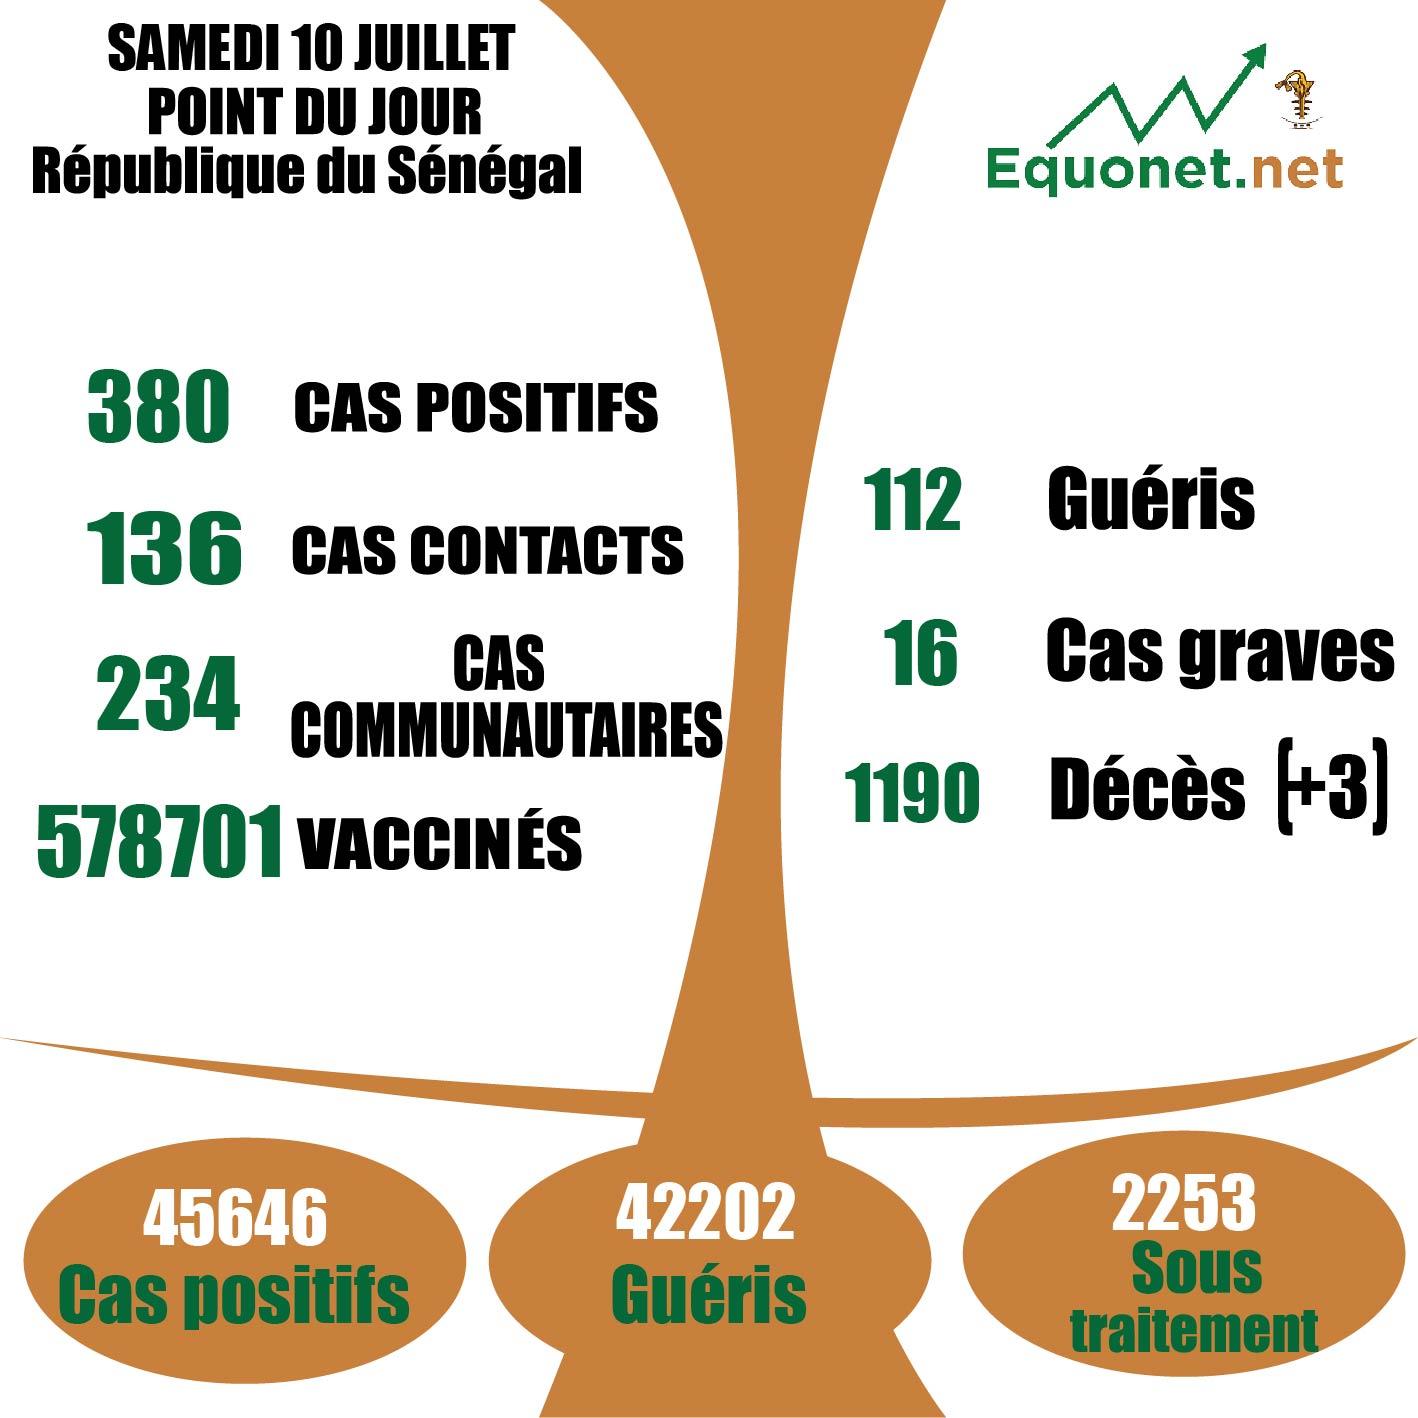 pandémie du coronavirus-covid-19 au Sénégal : 234 cas communautaires et 03 décès enregistrés ce samedi 10 juillet 2021